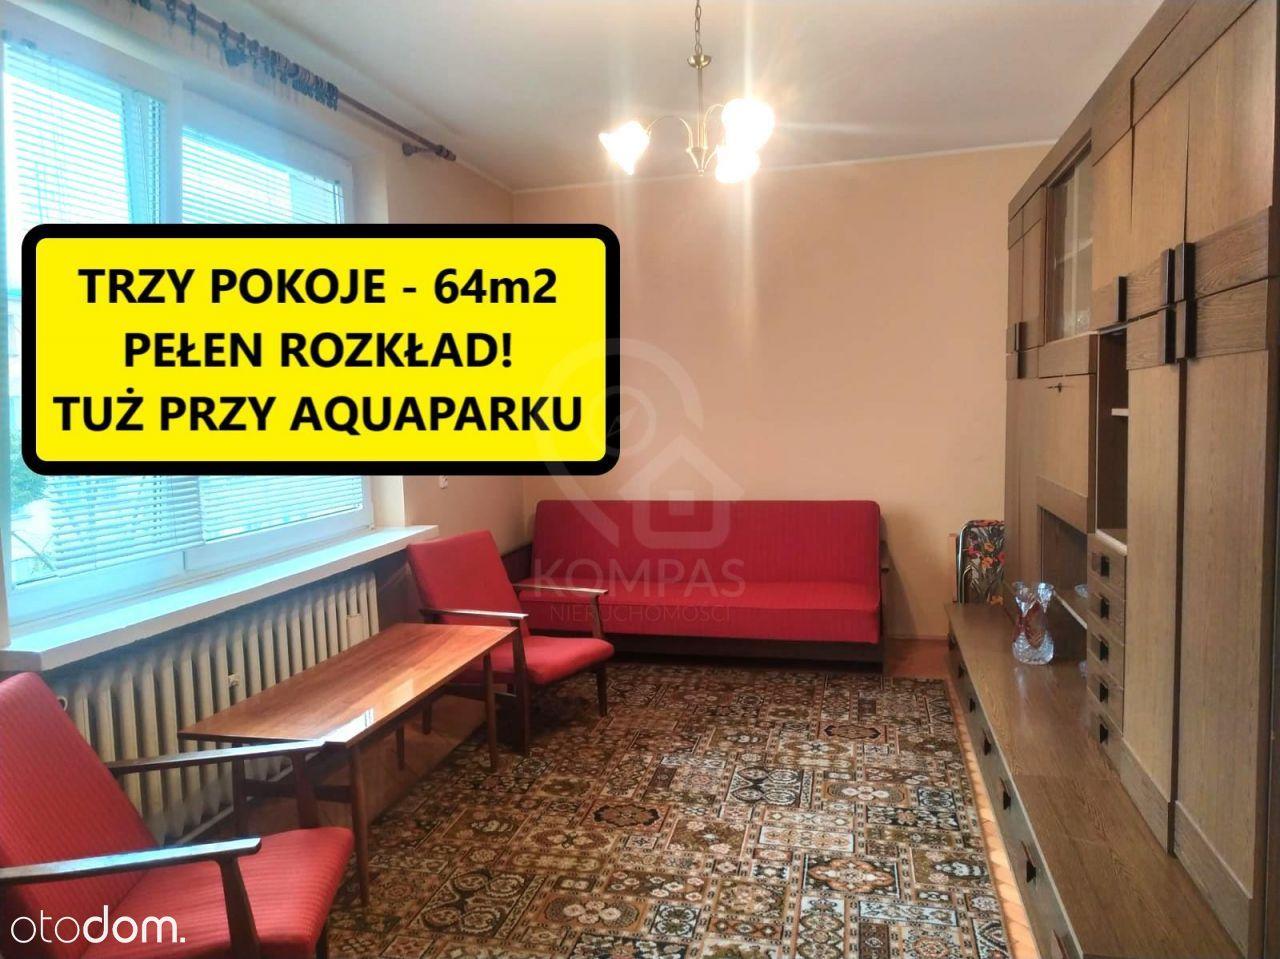 Trzy pokoje mieszkanie przy Borowskiej 64m2